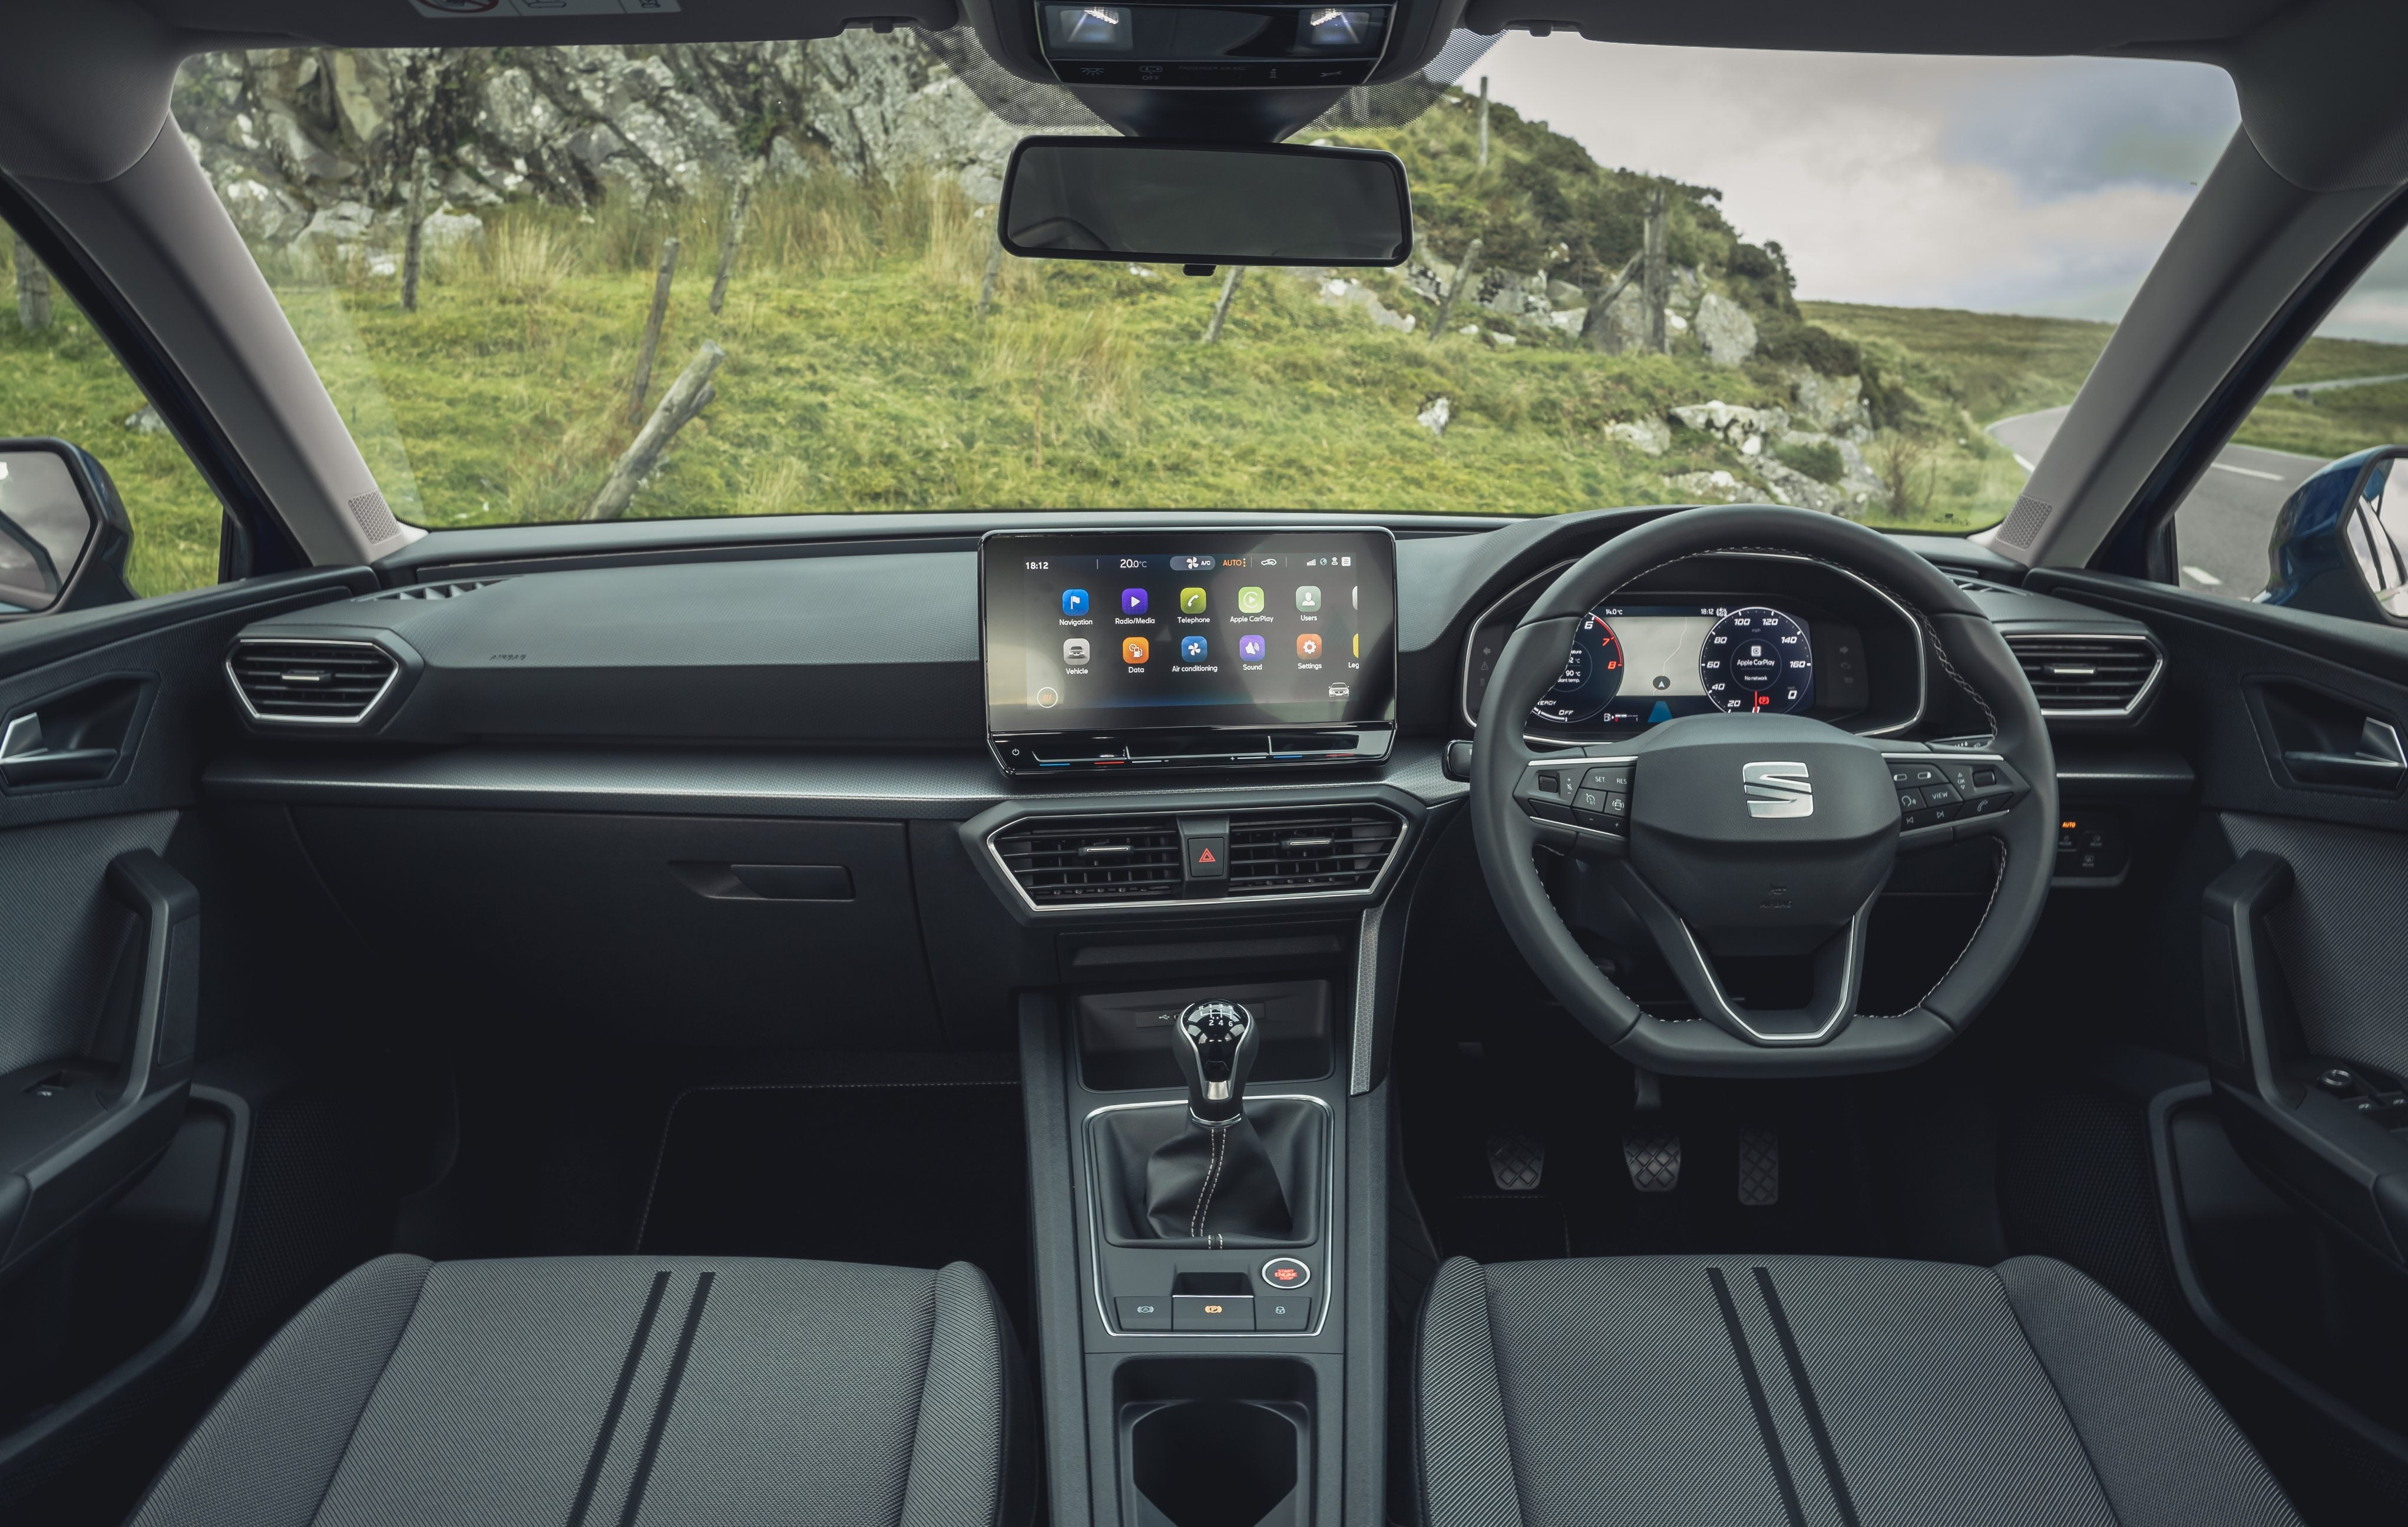 SEAT Leon interior dashboard